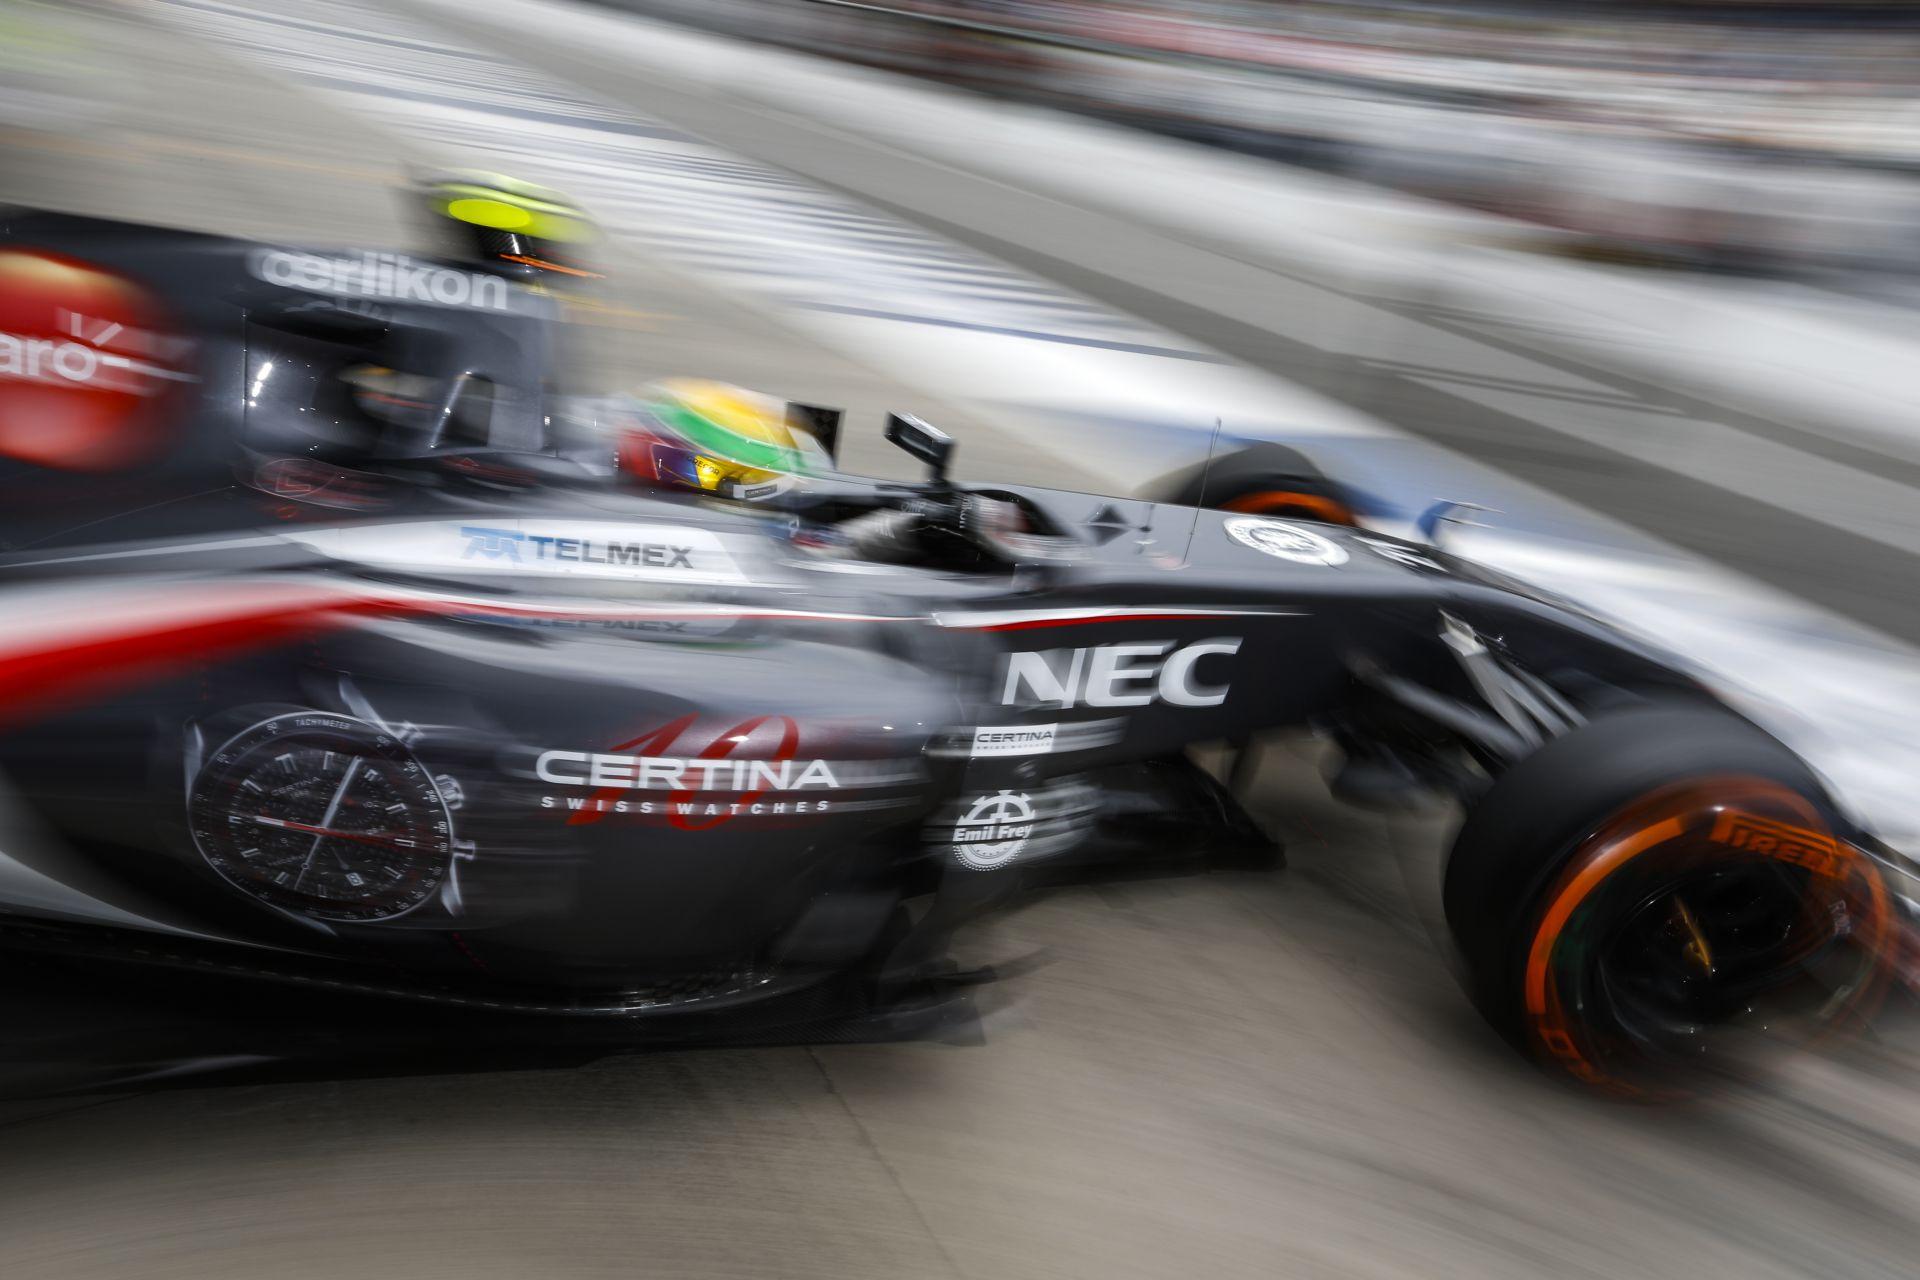 A Sauber szerint jó ötlet lenne egy harmadik autó futtatása a Forma-1-ben: Egy teljesen új színt kaphat a gép, akárcsak a NASCAR